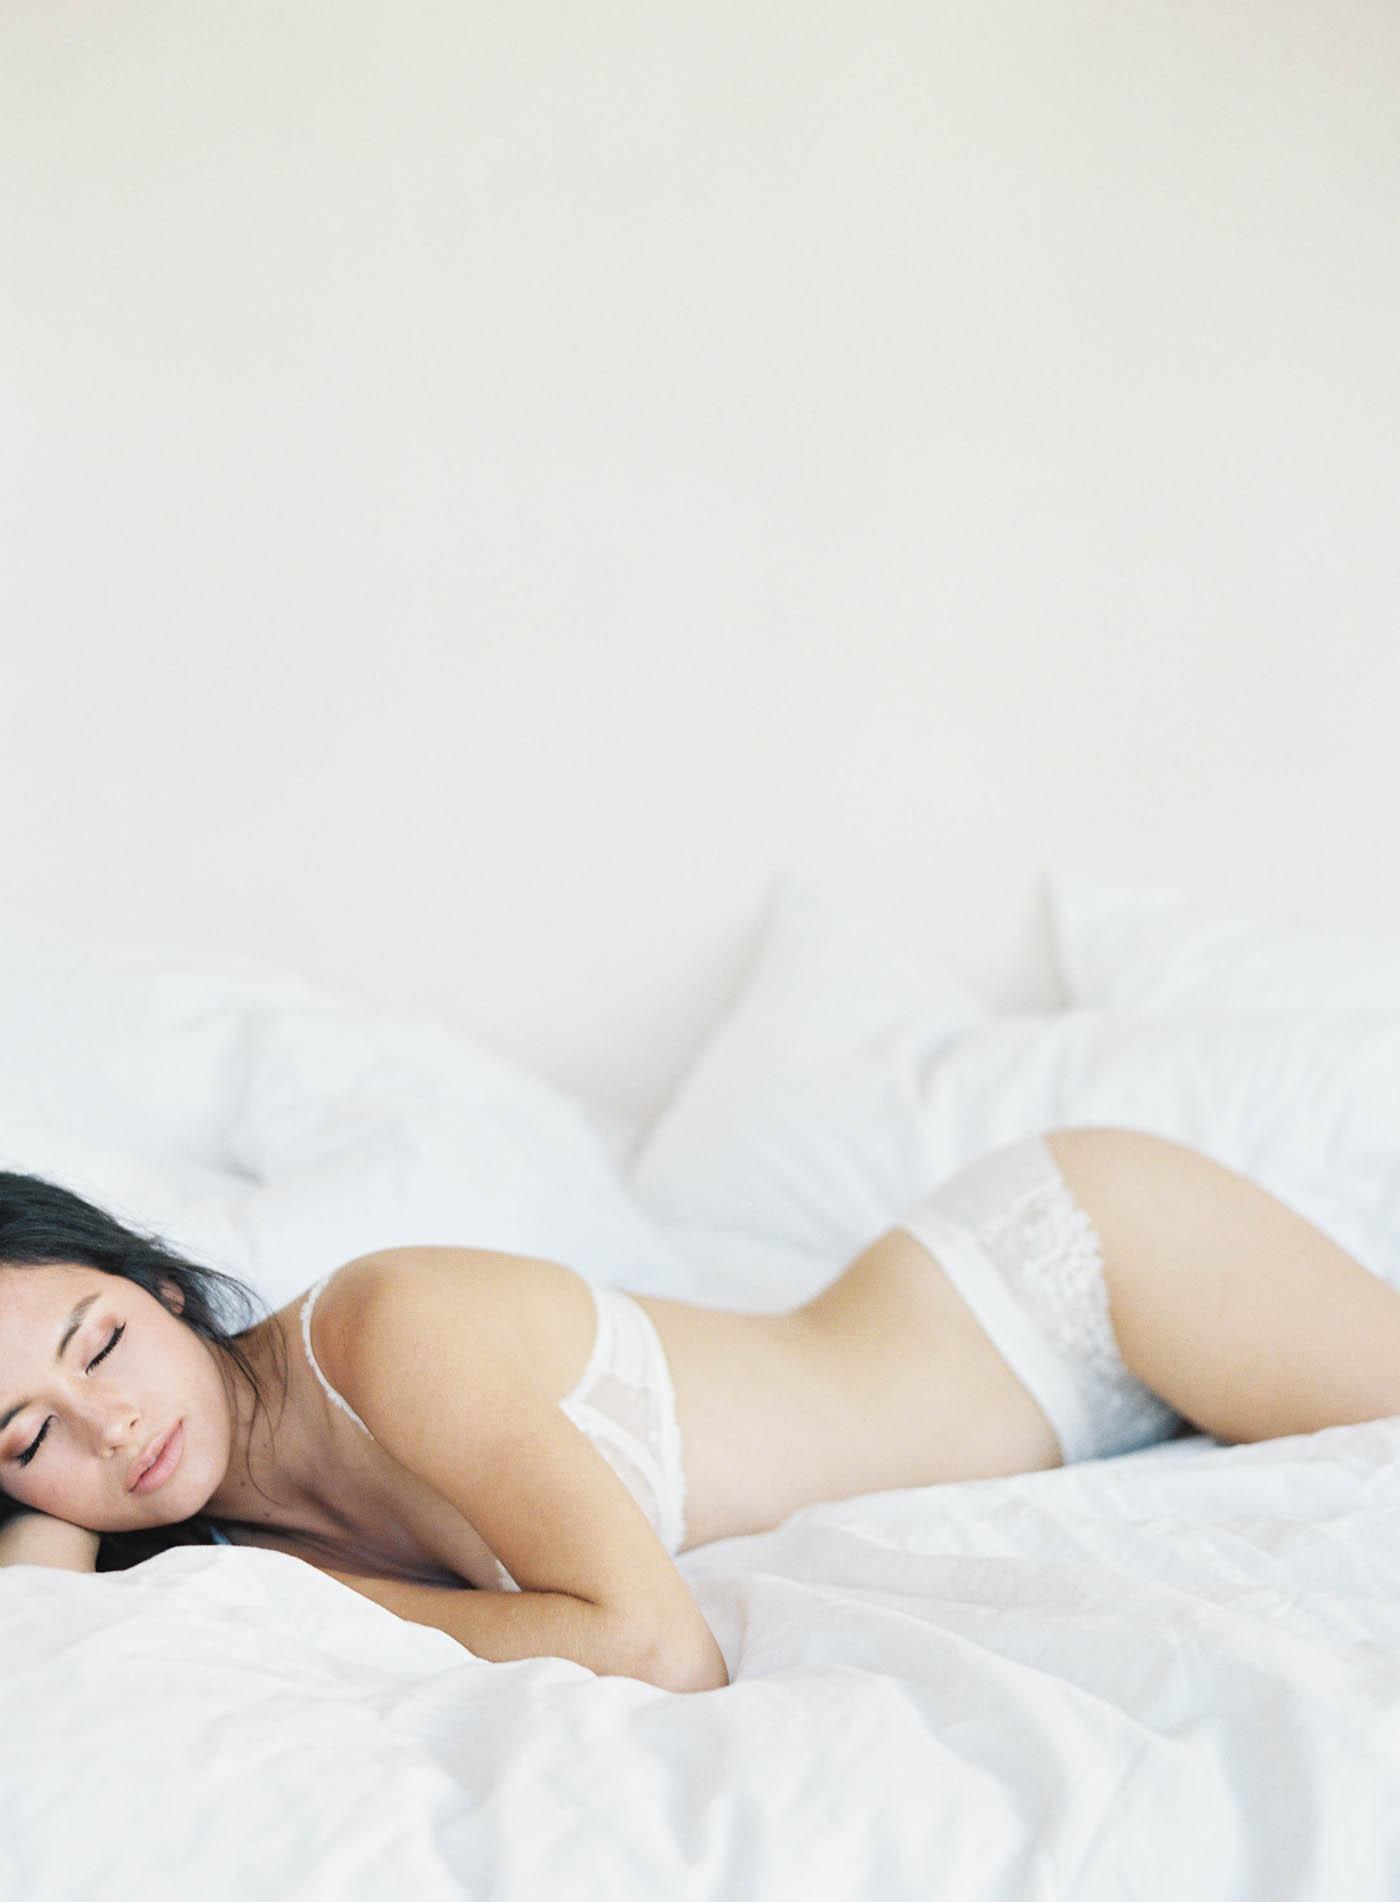 boudoir-on-film-105-Jen_Huang-Bhldn-237-Jen_Huang-002783-R1-016.jpg